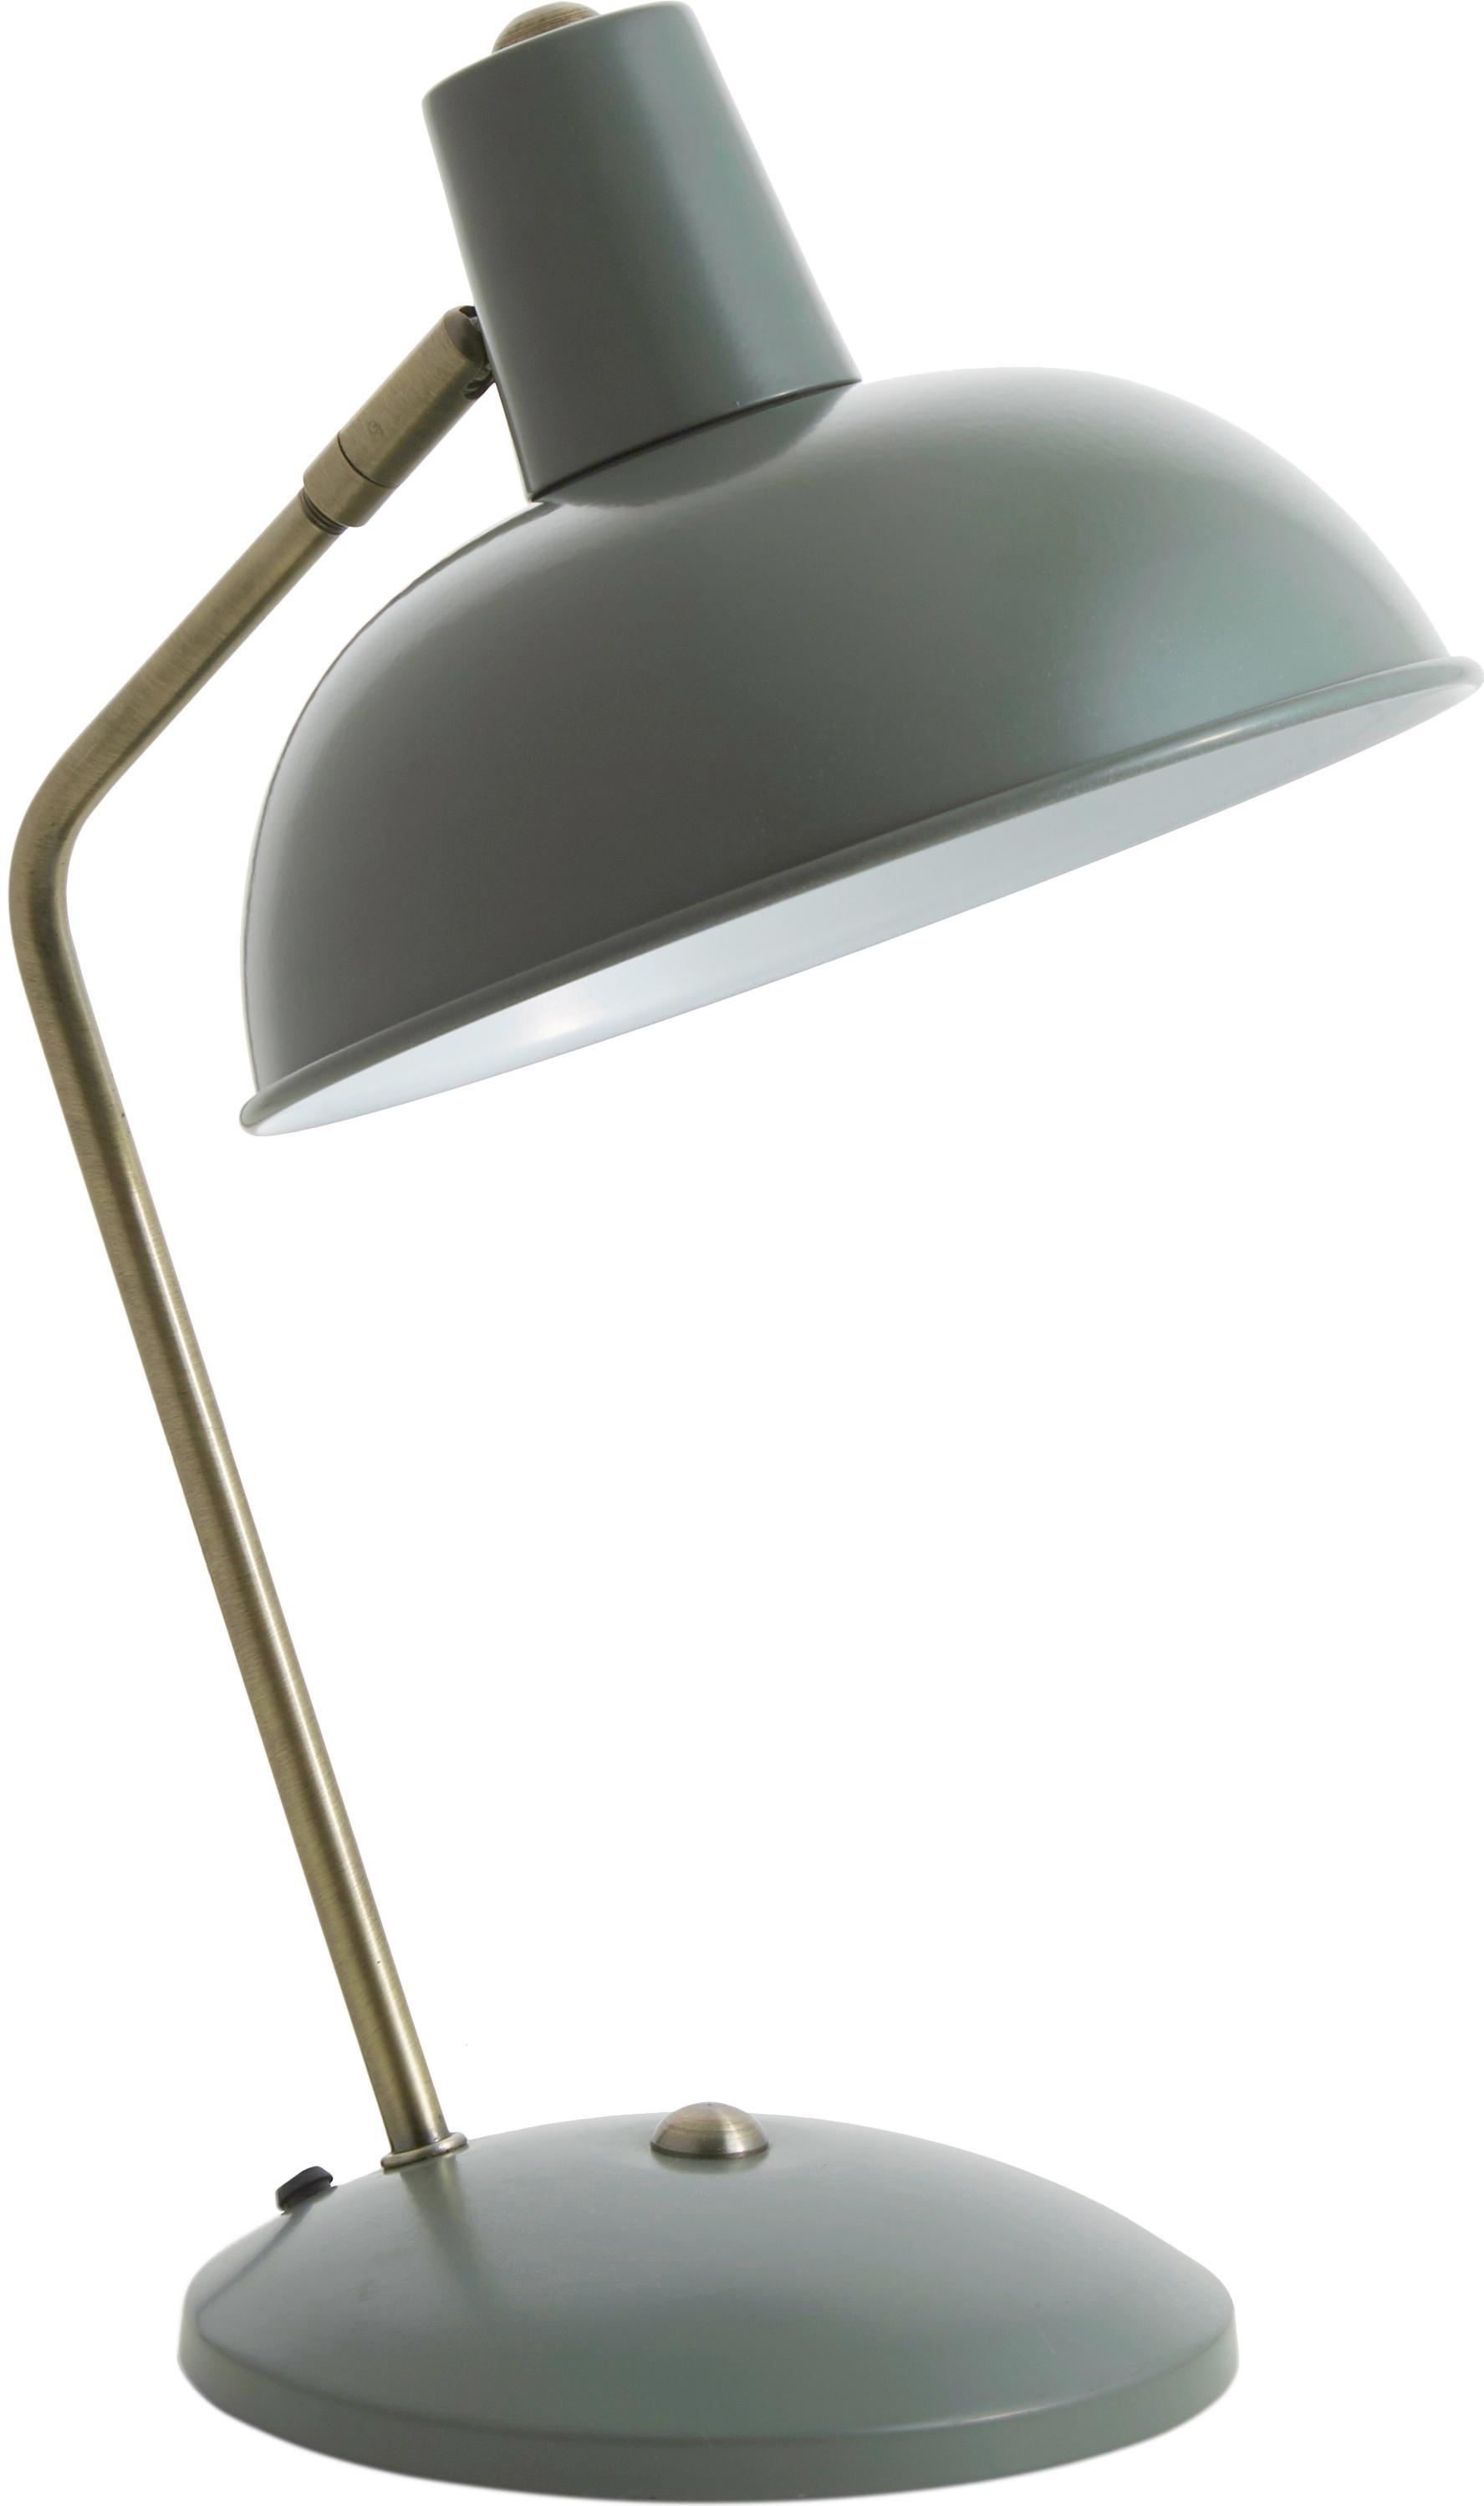 Retro tafellamp Hood, Lamp: groen, messingkleurig. Lampenkap binnenzijde: wit, 20 x 38 cm